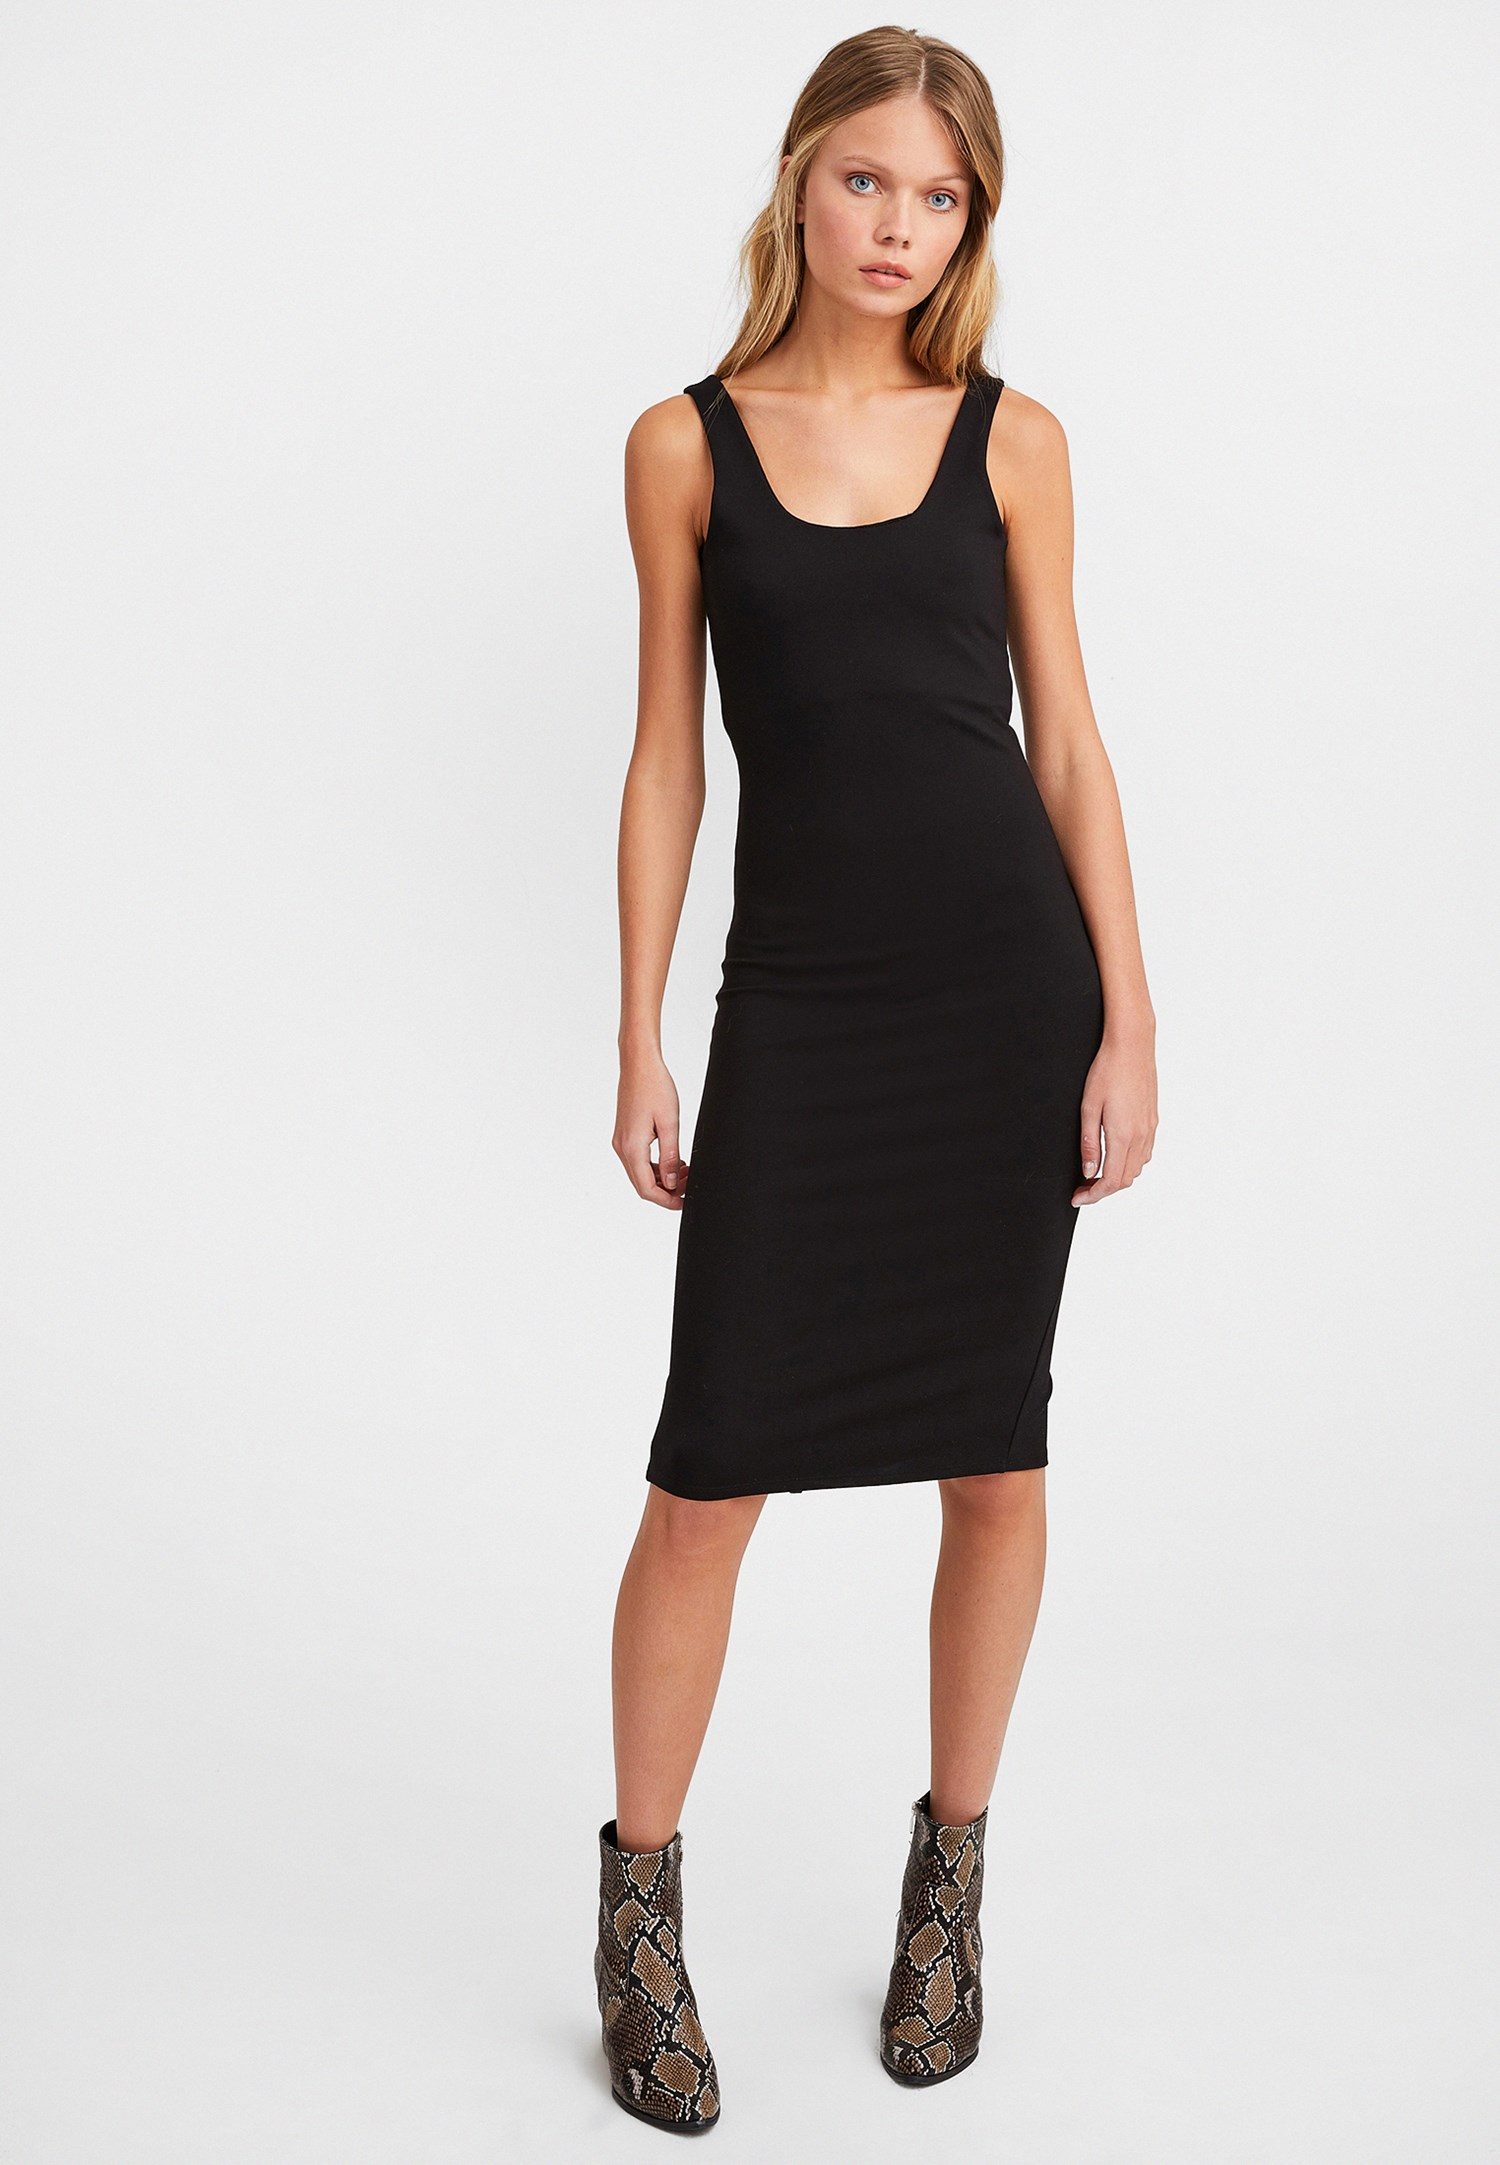 Bayan Siyah Kalın Askılı Yırtmaç Detaylı Elbise